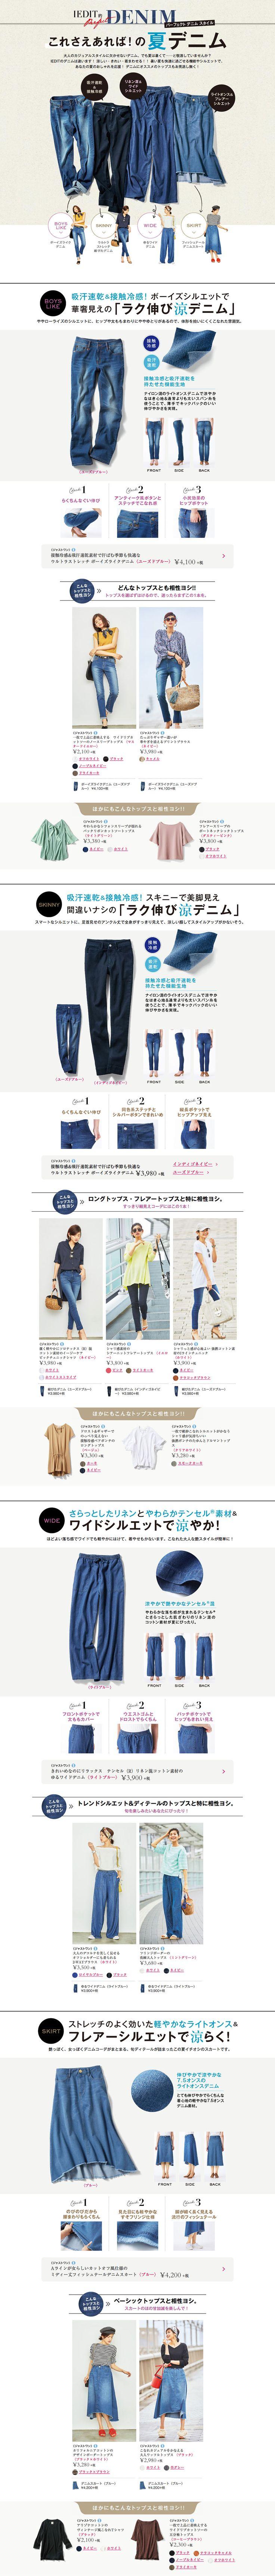 株式会社フェリシモ様の「これさえあれば!の夏デニム」のランディングページ(LP)シンプル系|ファッション